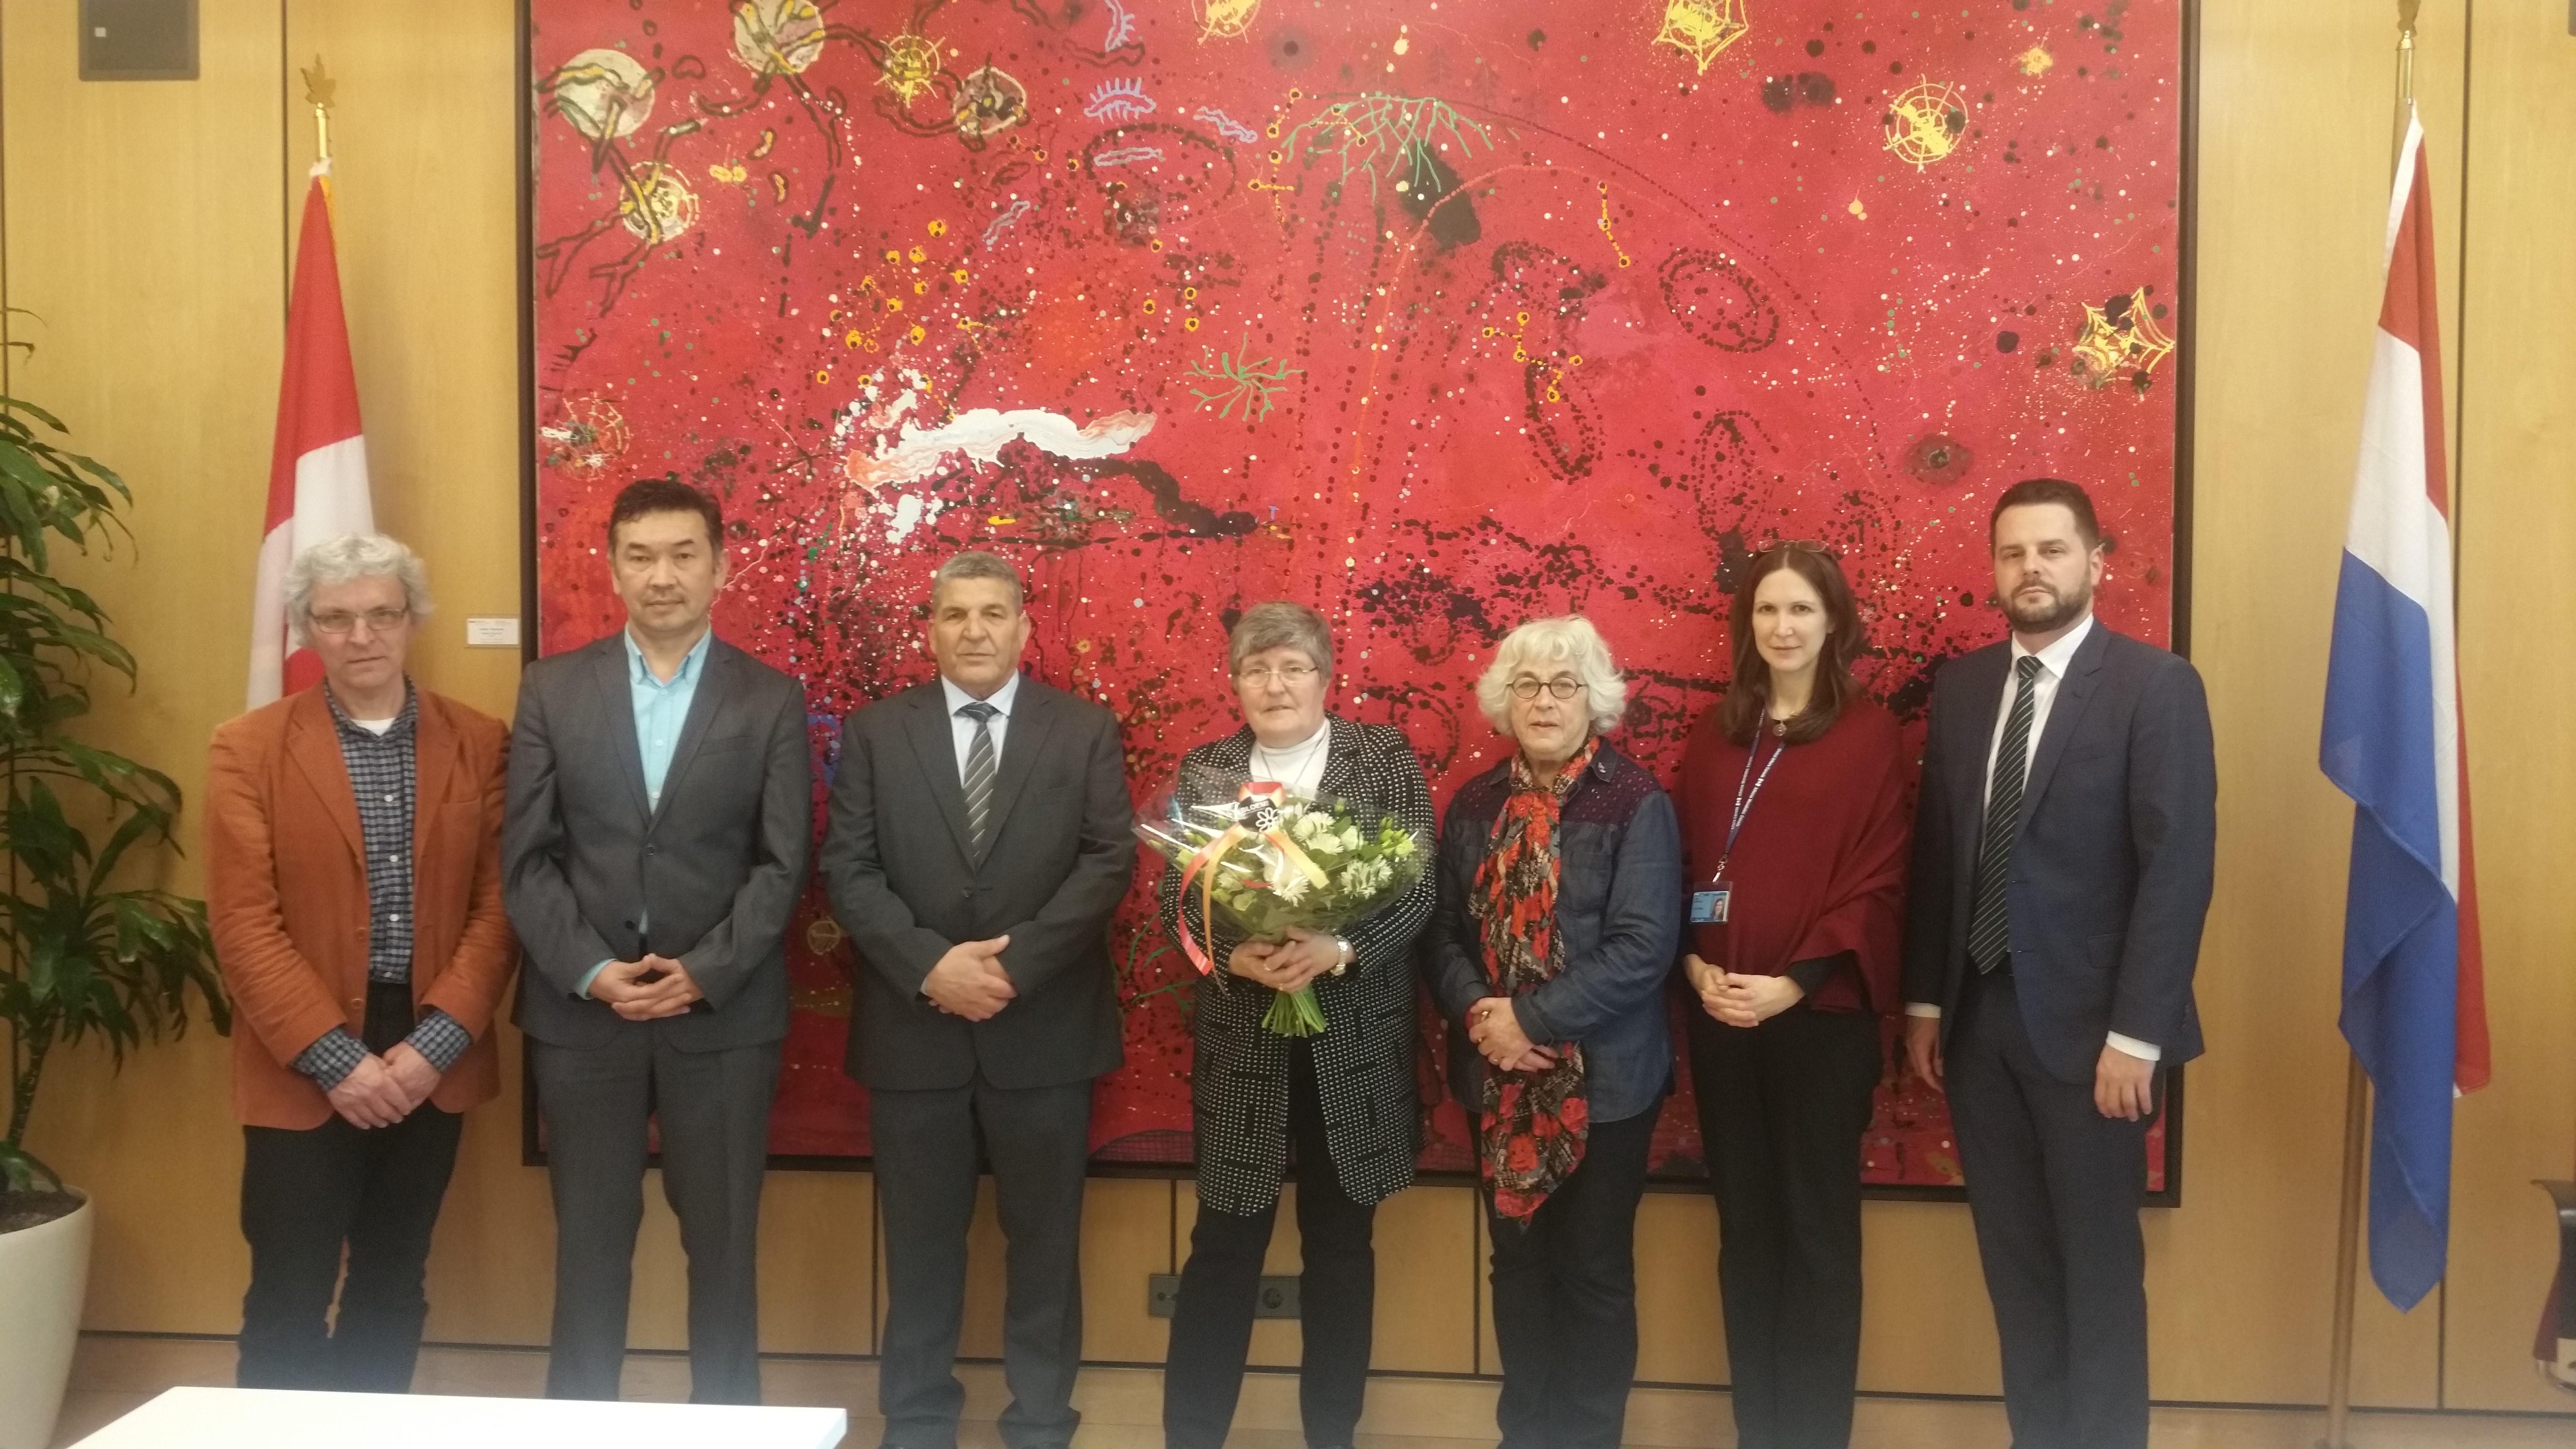 Bloemen OJCM voor Canadese ambassade